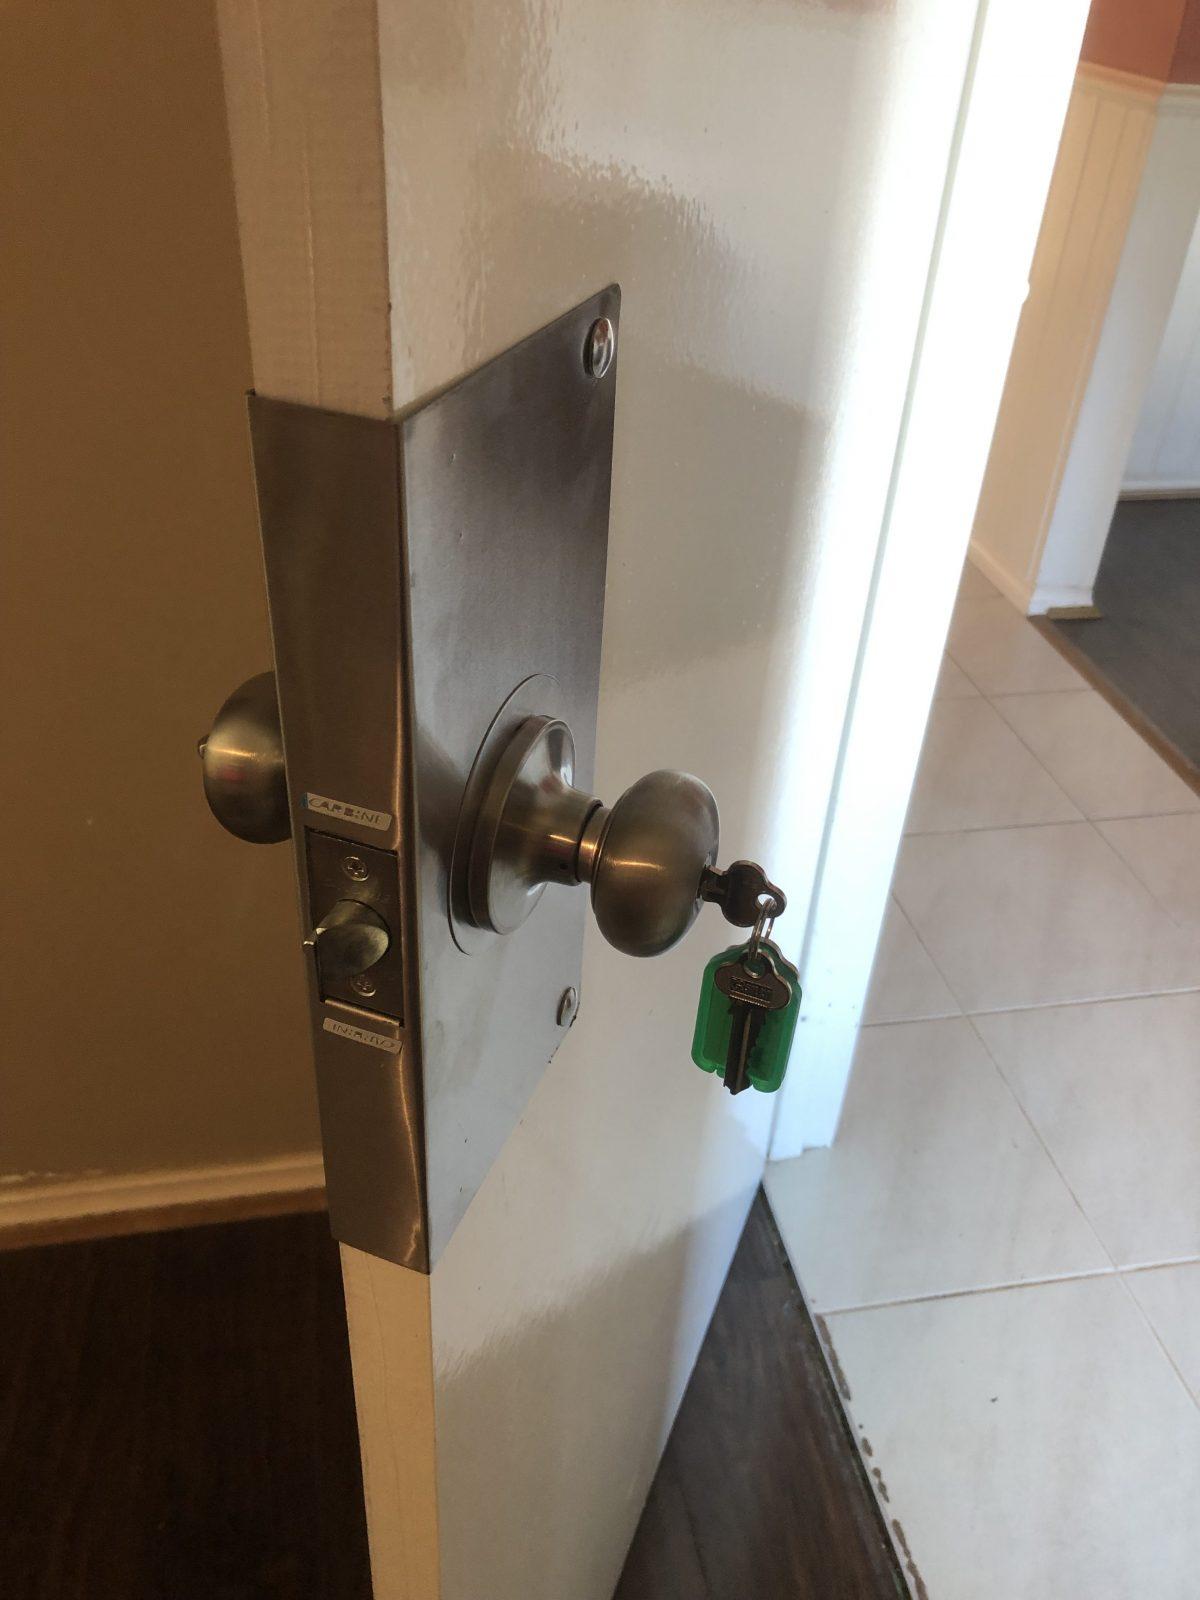 Installation of a wrap around door protection plate after door was broken in to in Wellard